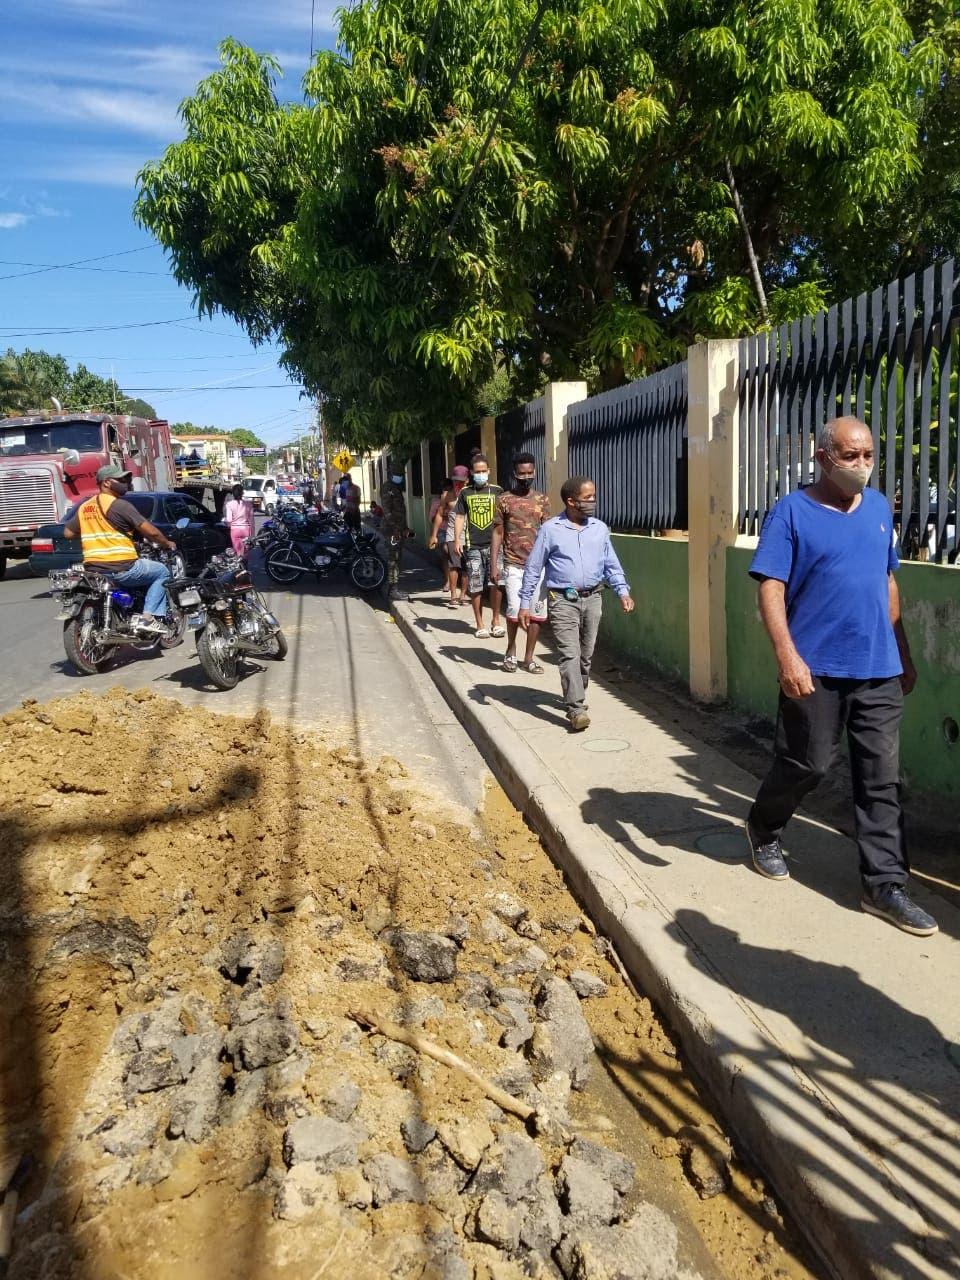 Comedores Económicos desmienten venta de comida y explican aglomeración en Santiago Rodríguez